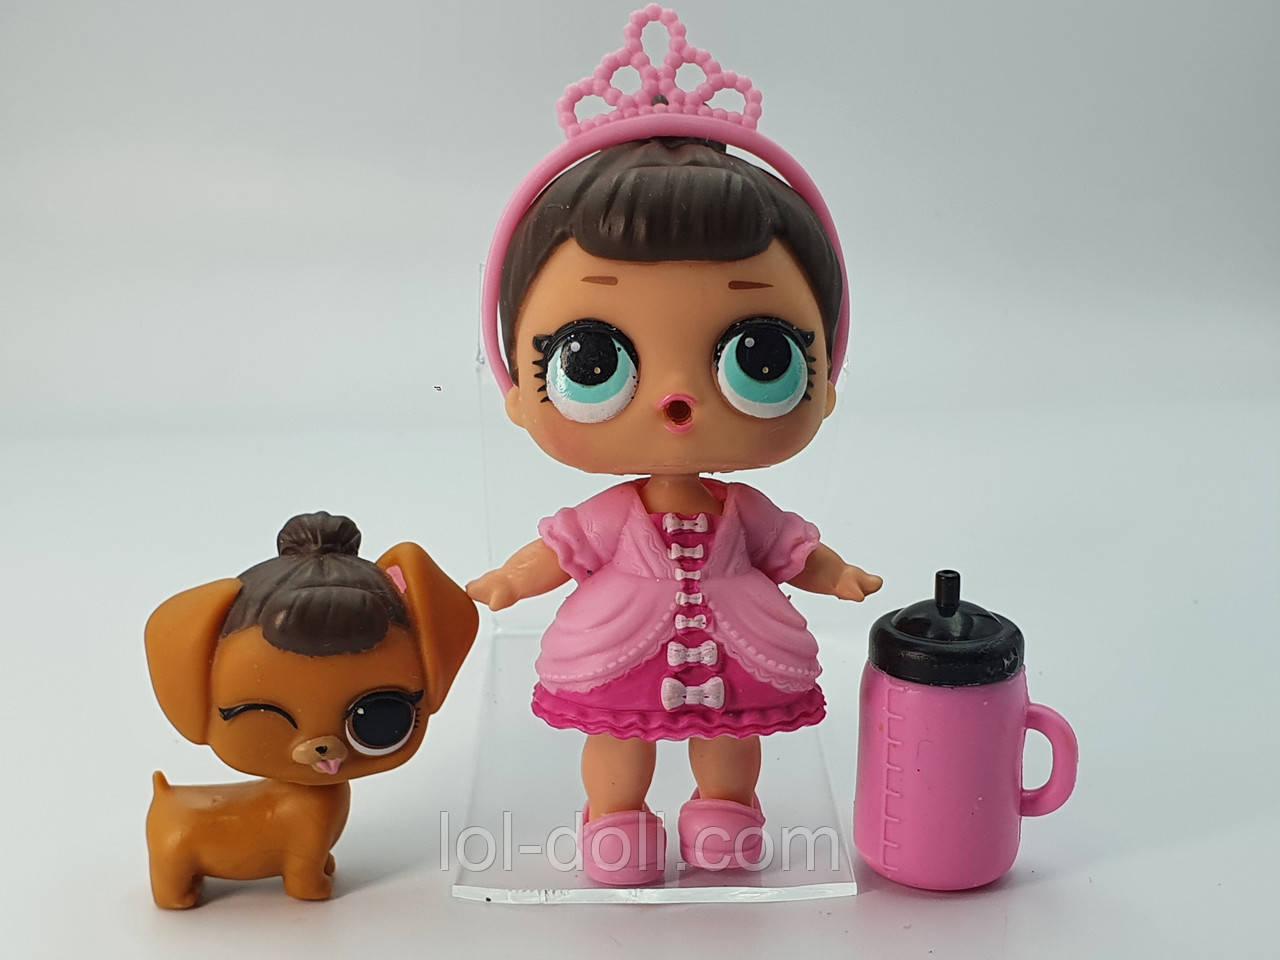 Сім'я Лялька LOL Surprise Fancy - Glitter Справжня Леді Лол Сюрприз Без Кулі Оригінал